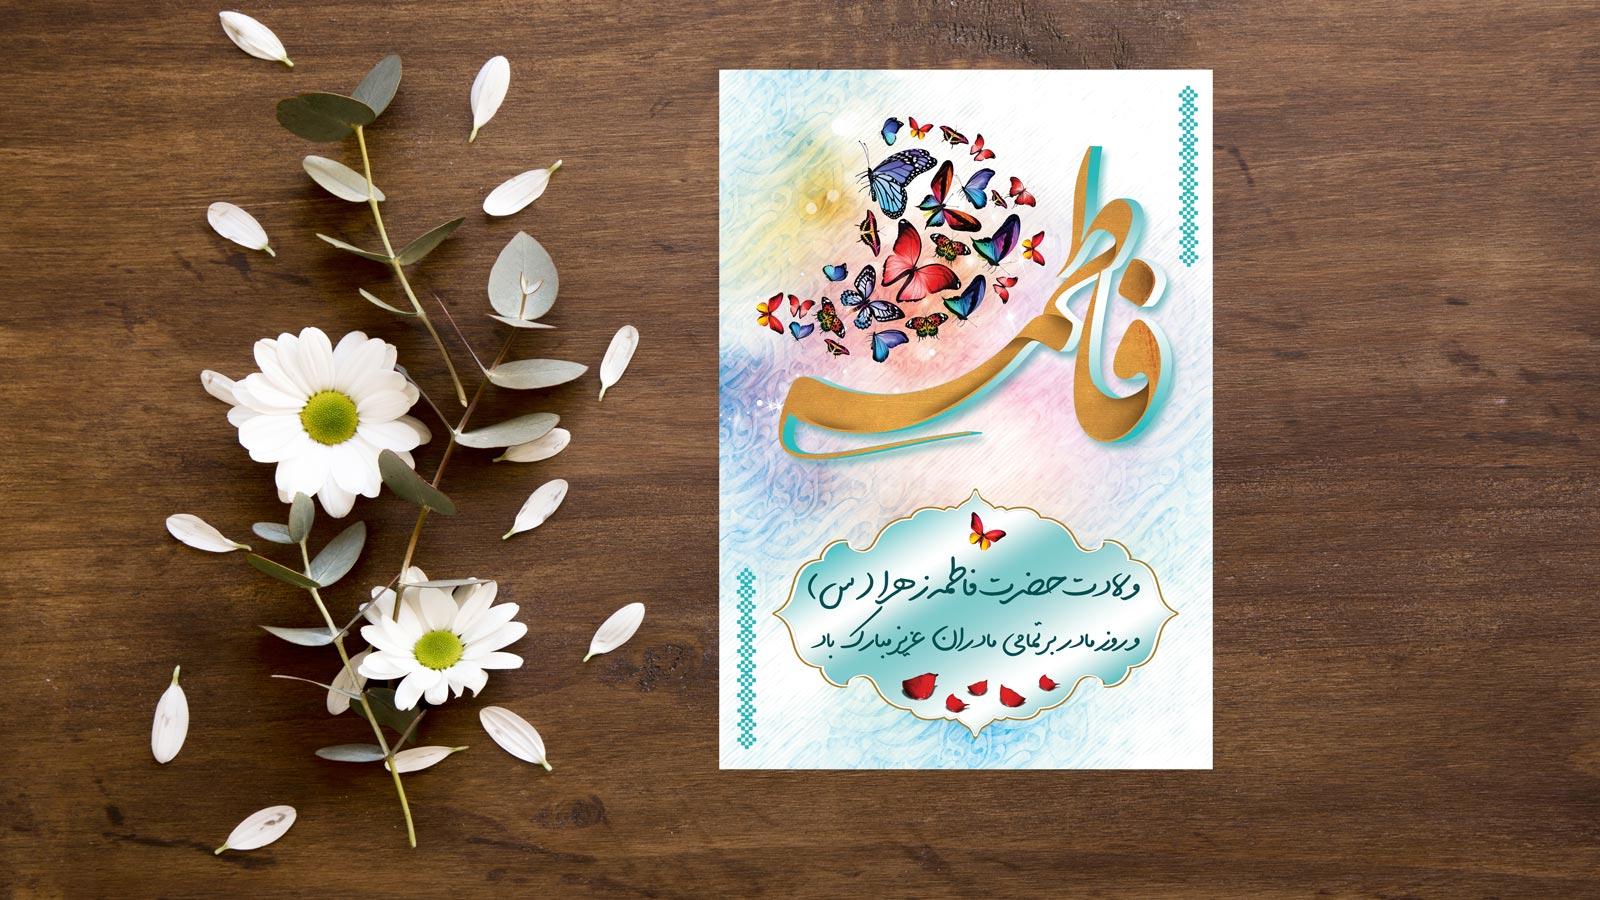 کارت پستال مذهبی تبریک روز مادر